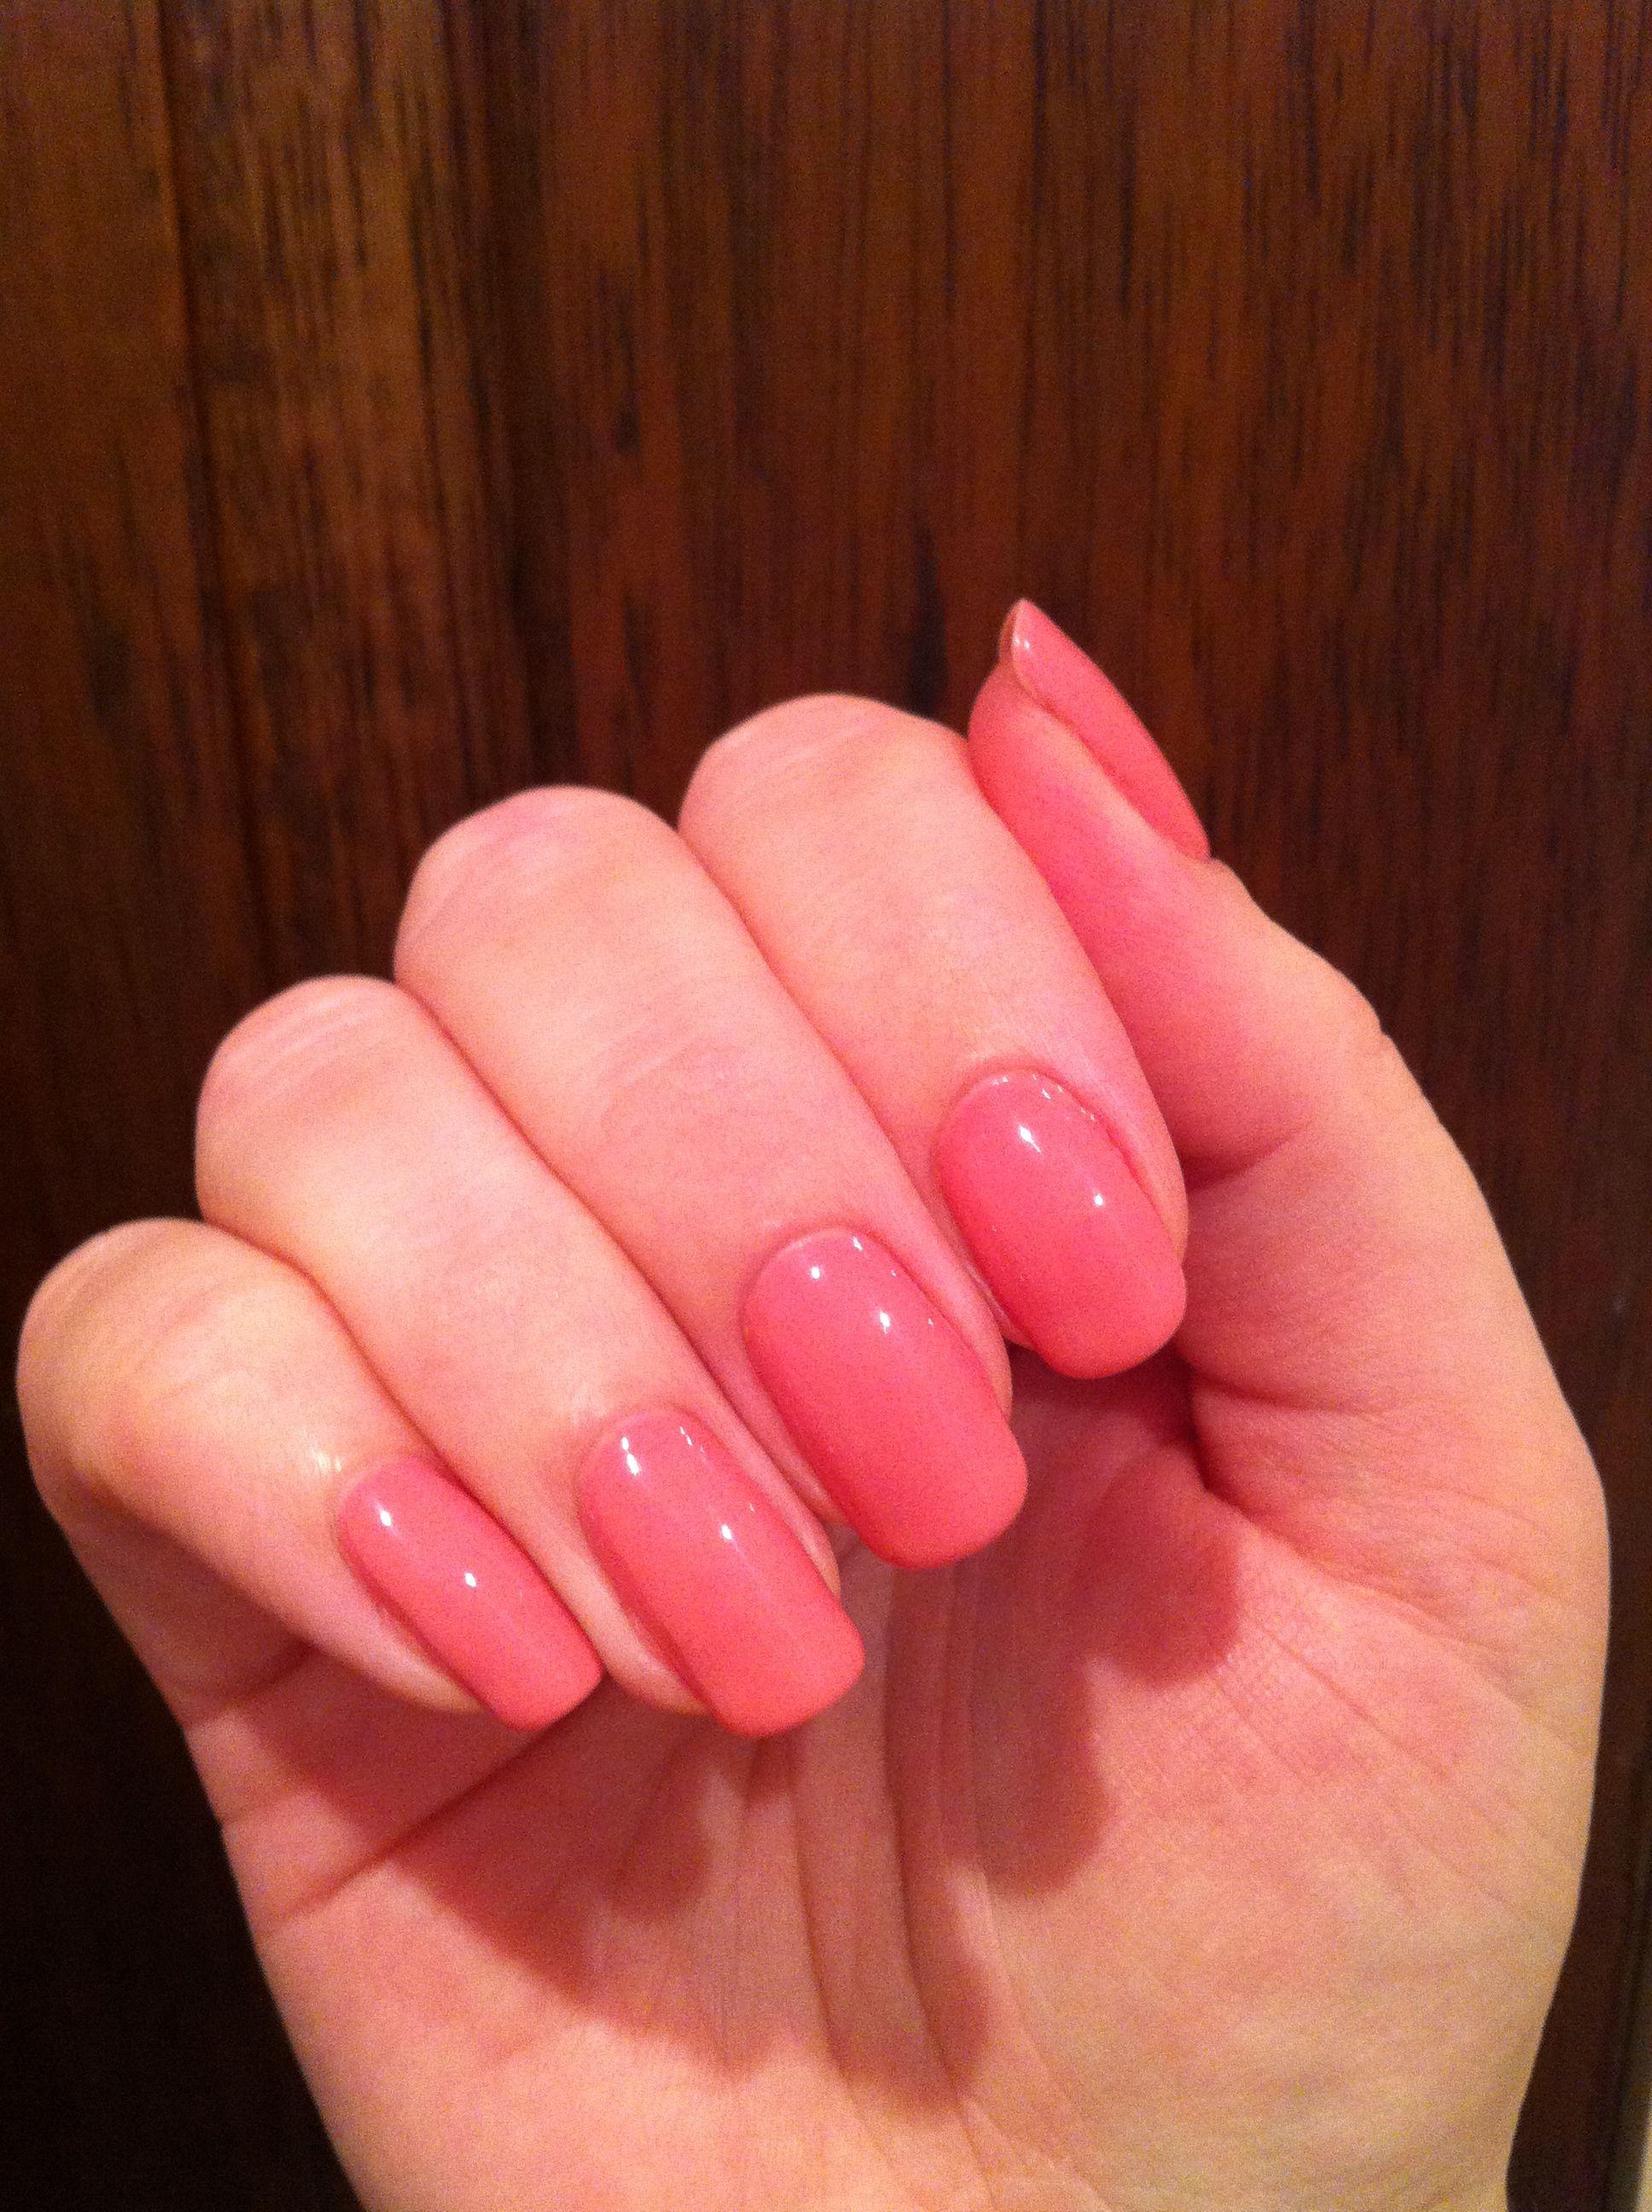 DIY shellac natural nails | Nails | Pinterest